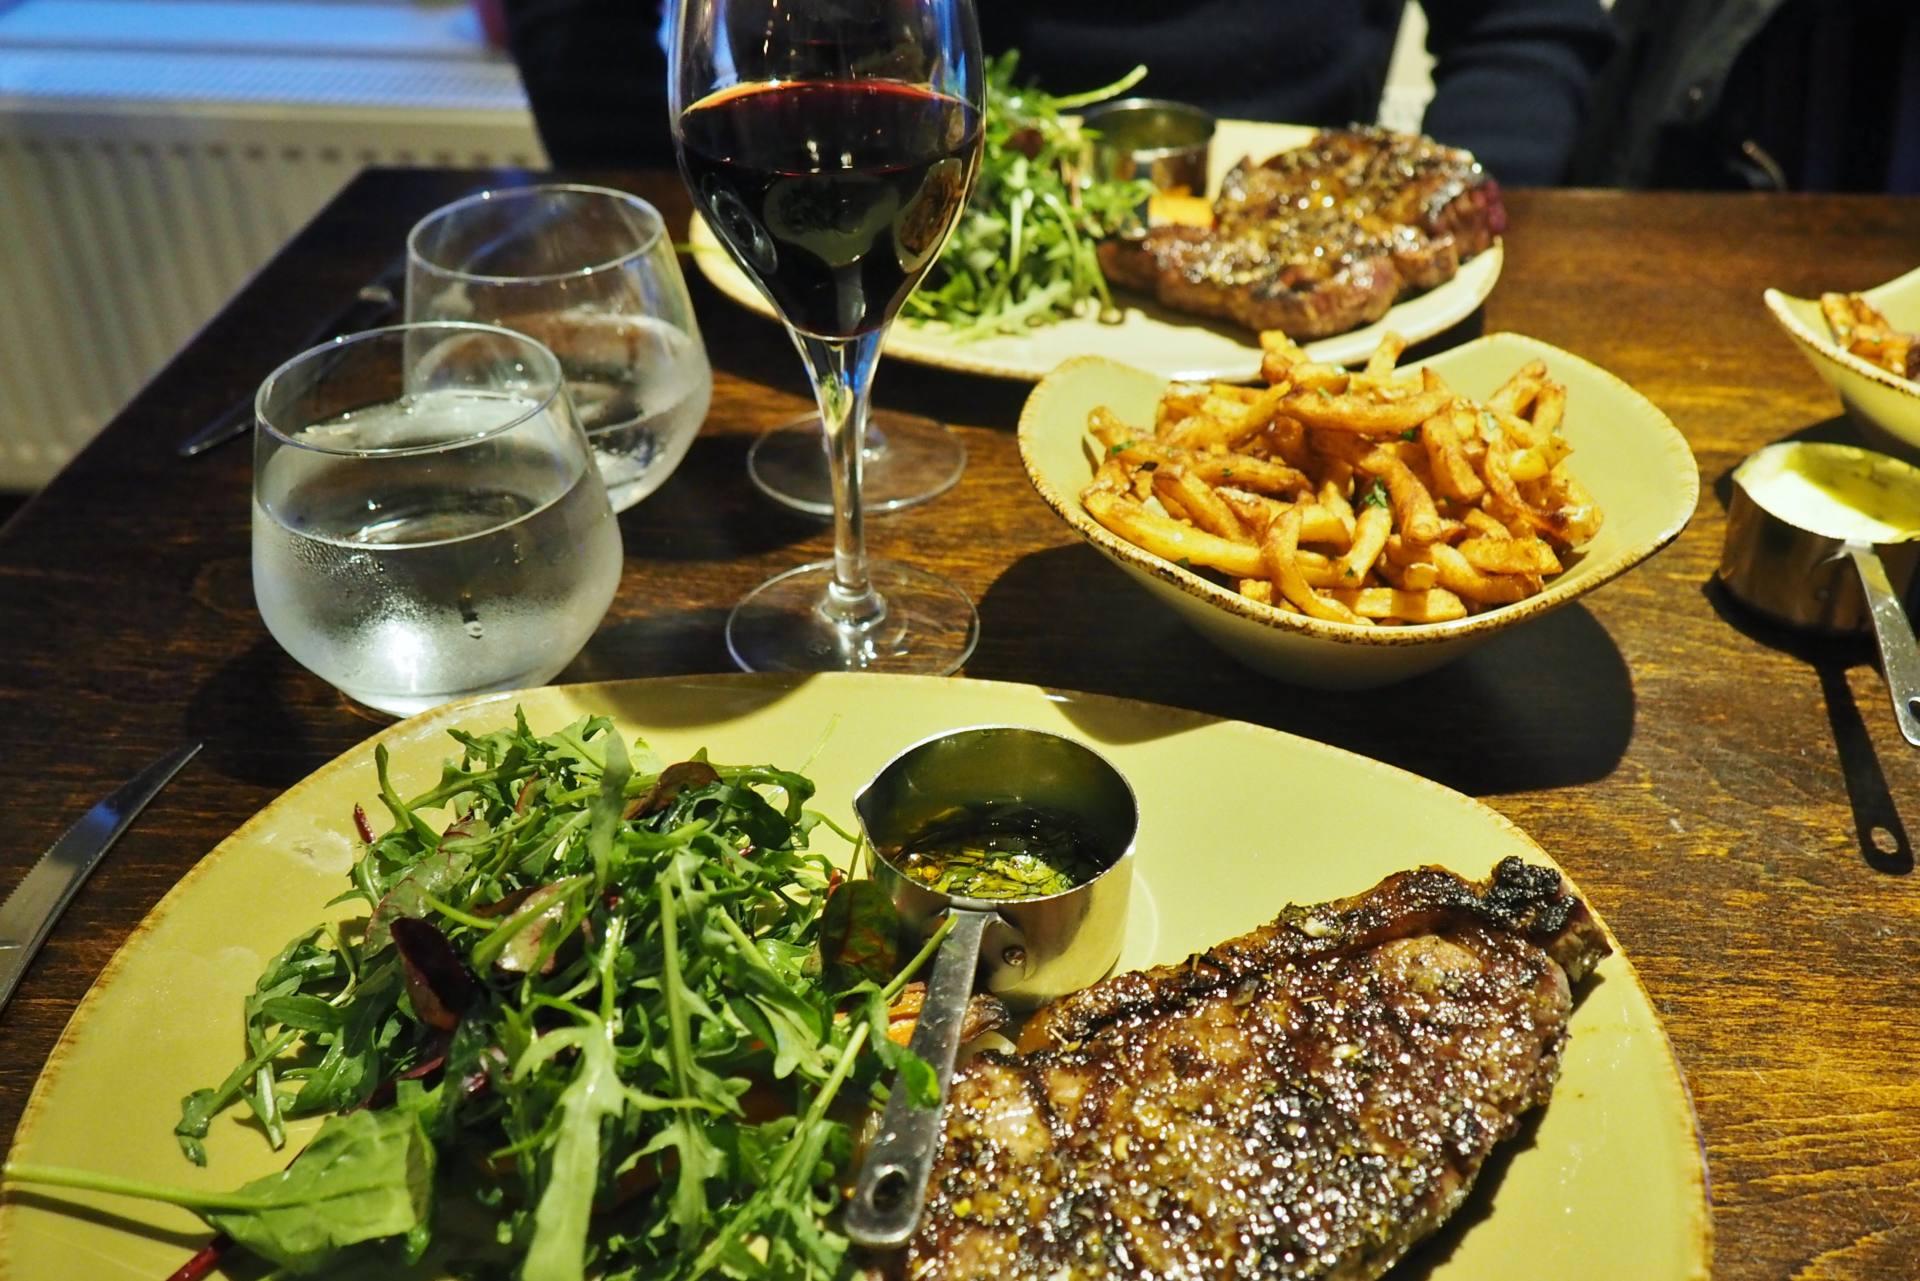 Fiesta Del Asado Bife de chorizo steak Birmingham